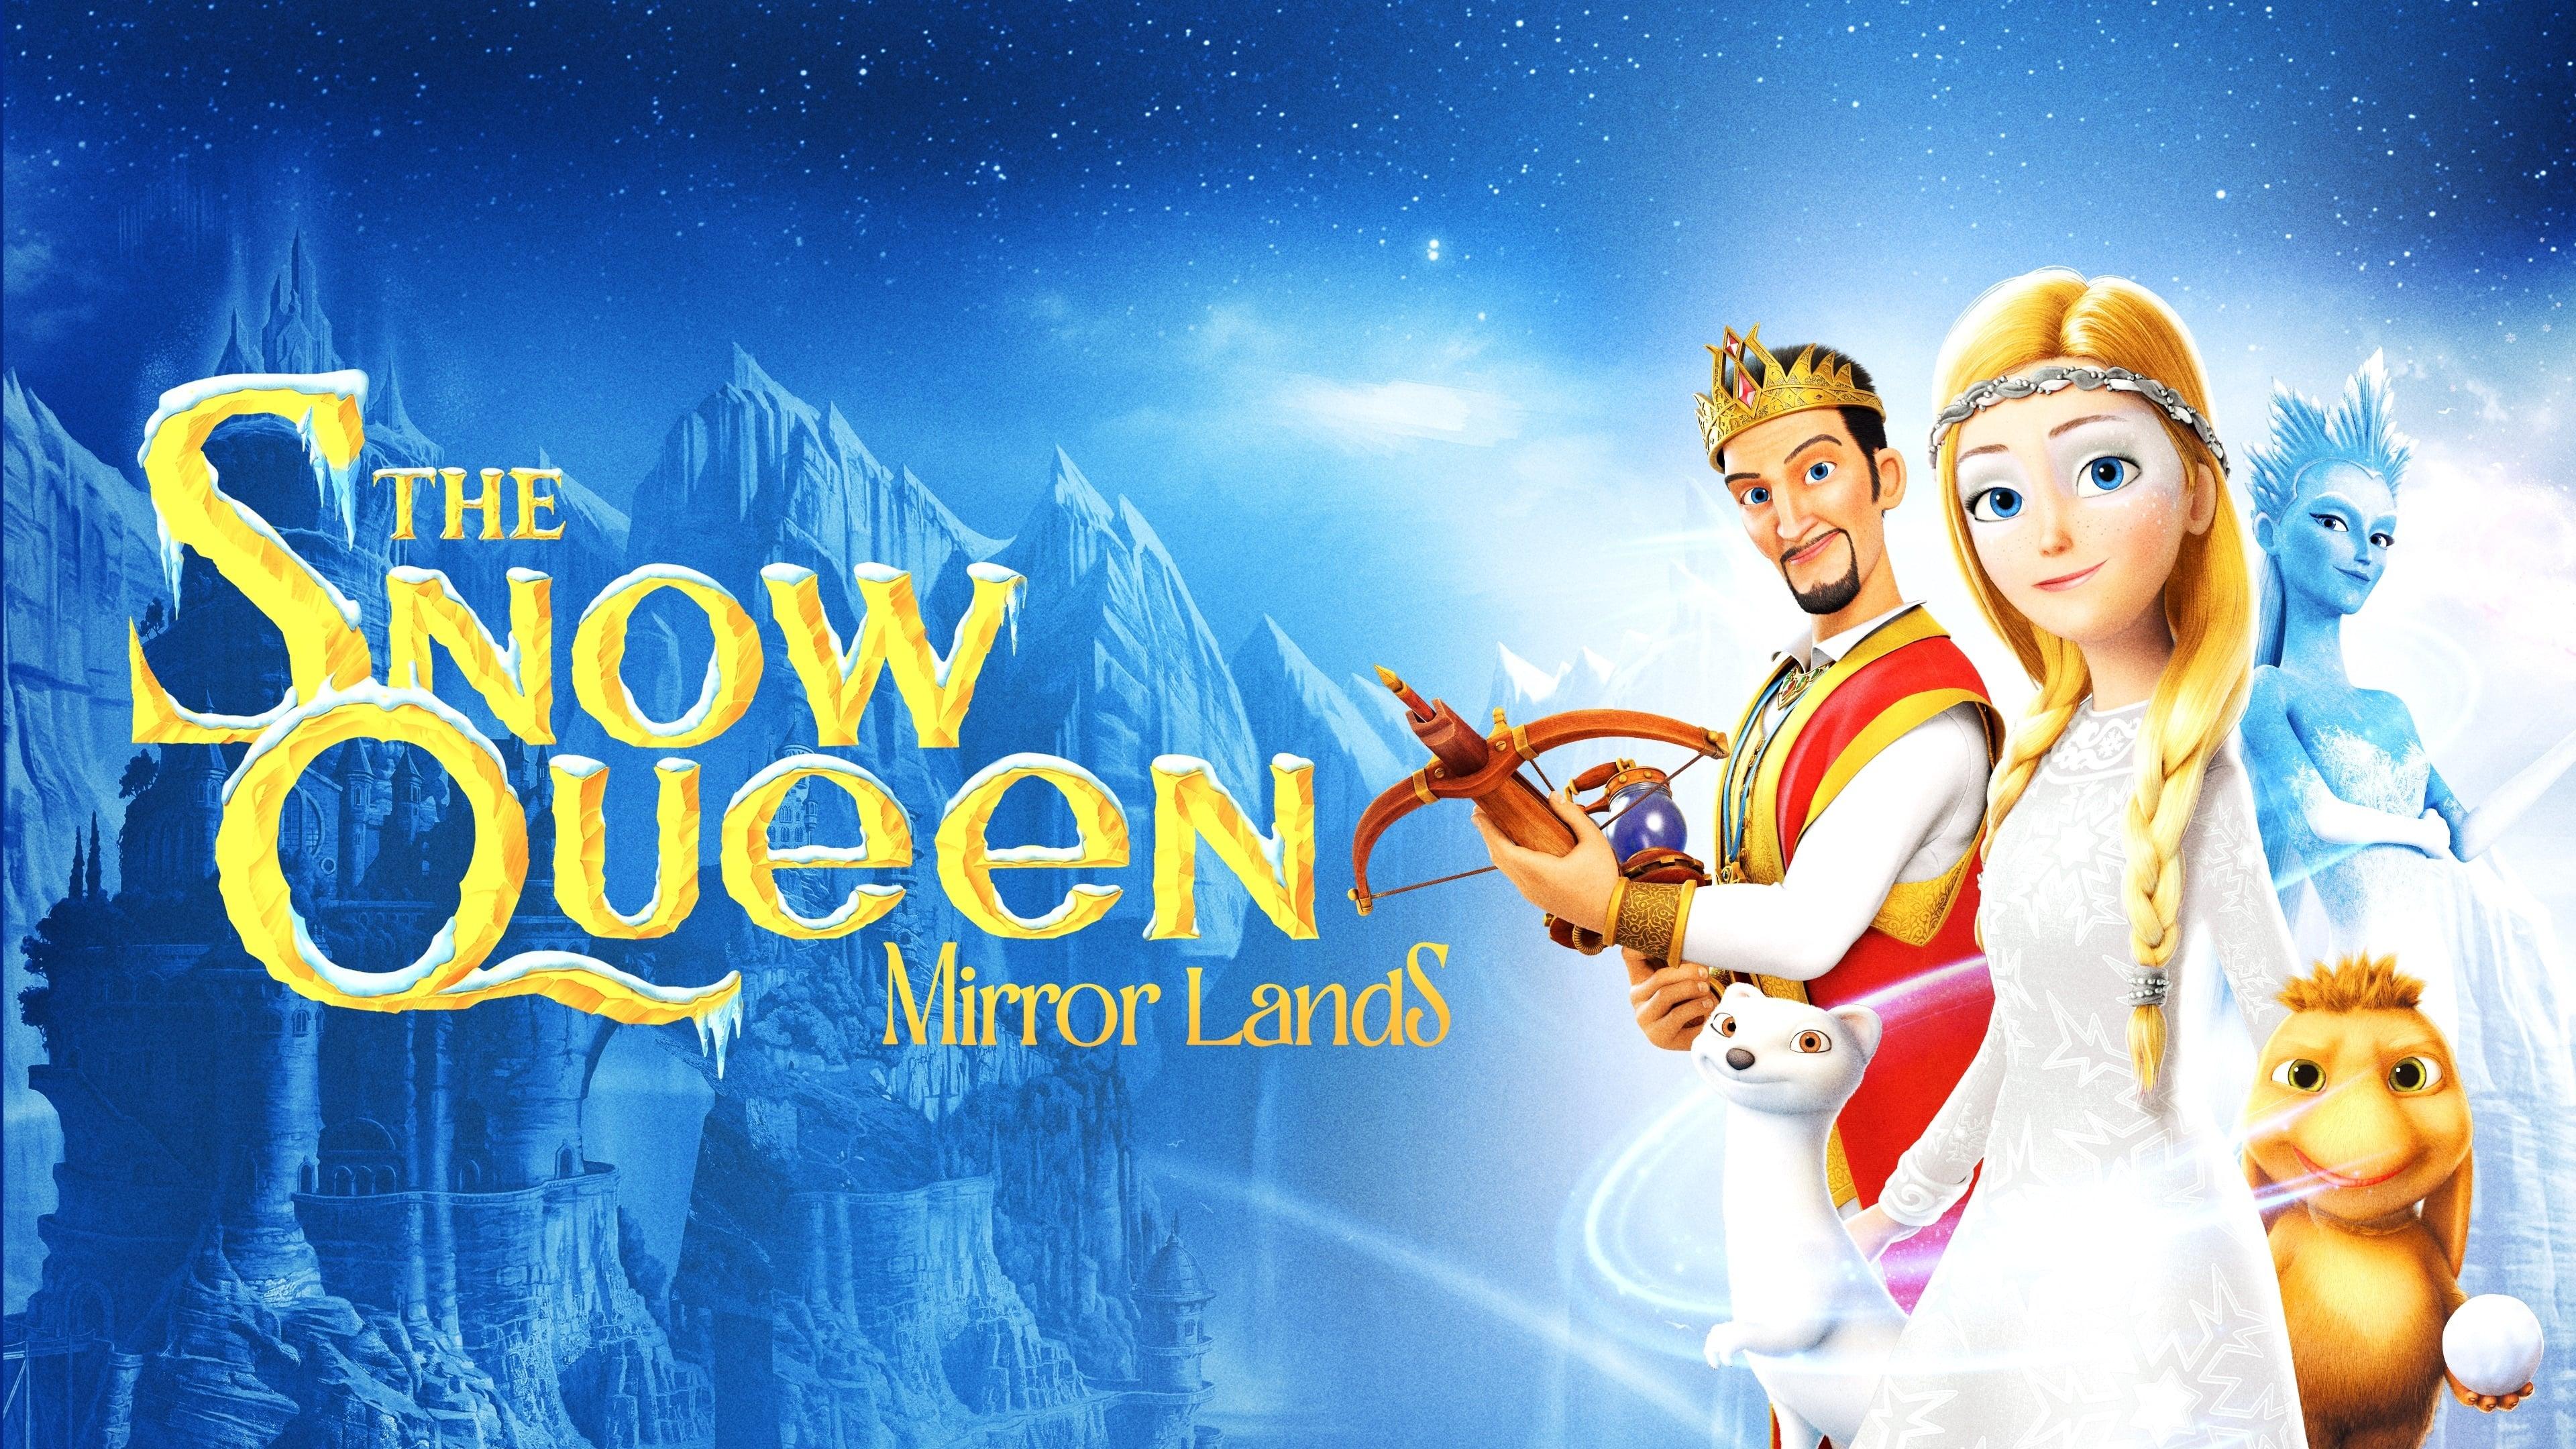 La Reina de las Nieves en la tierra de los espejos